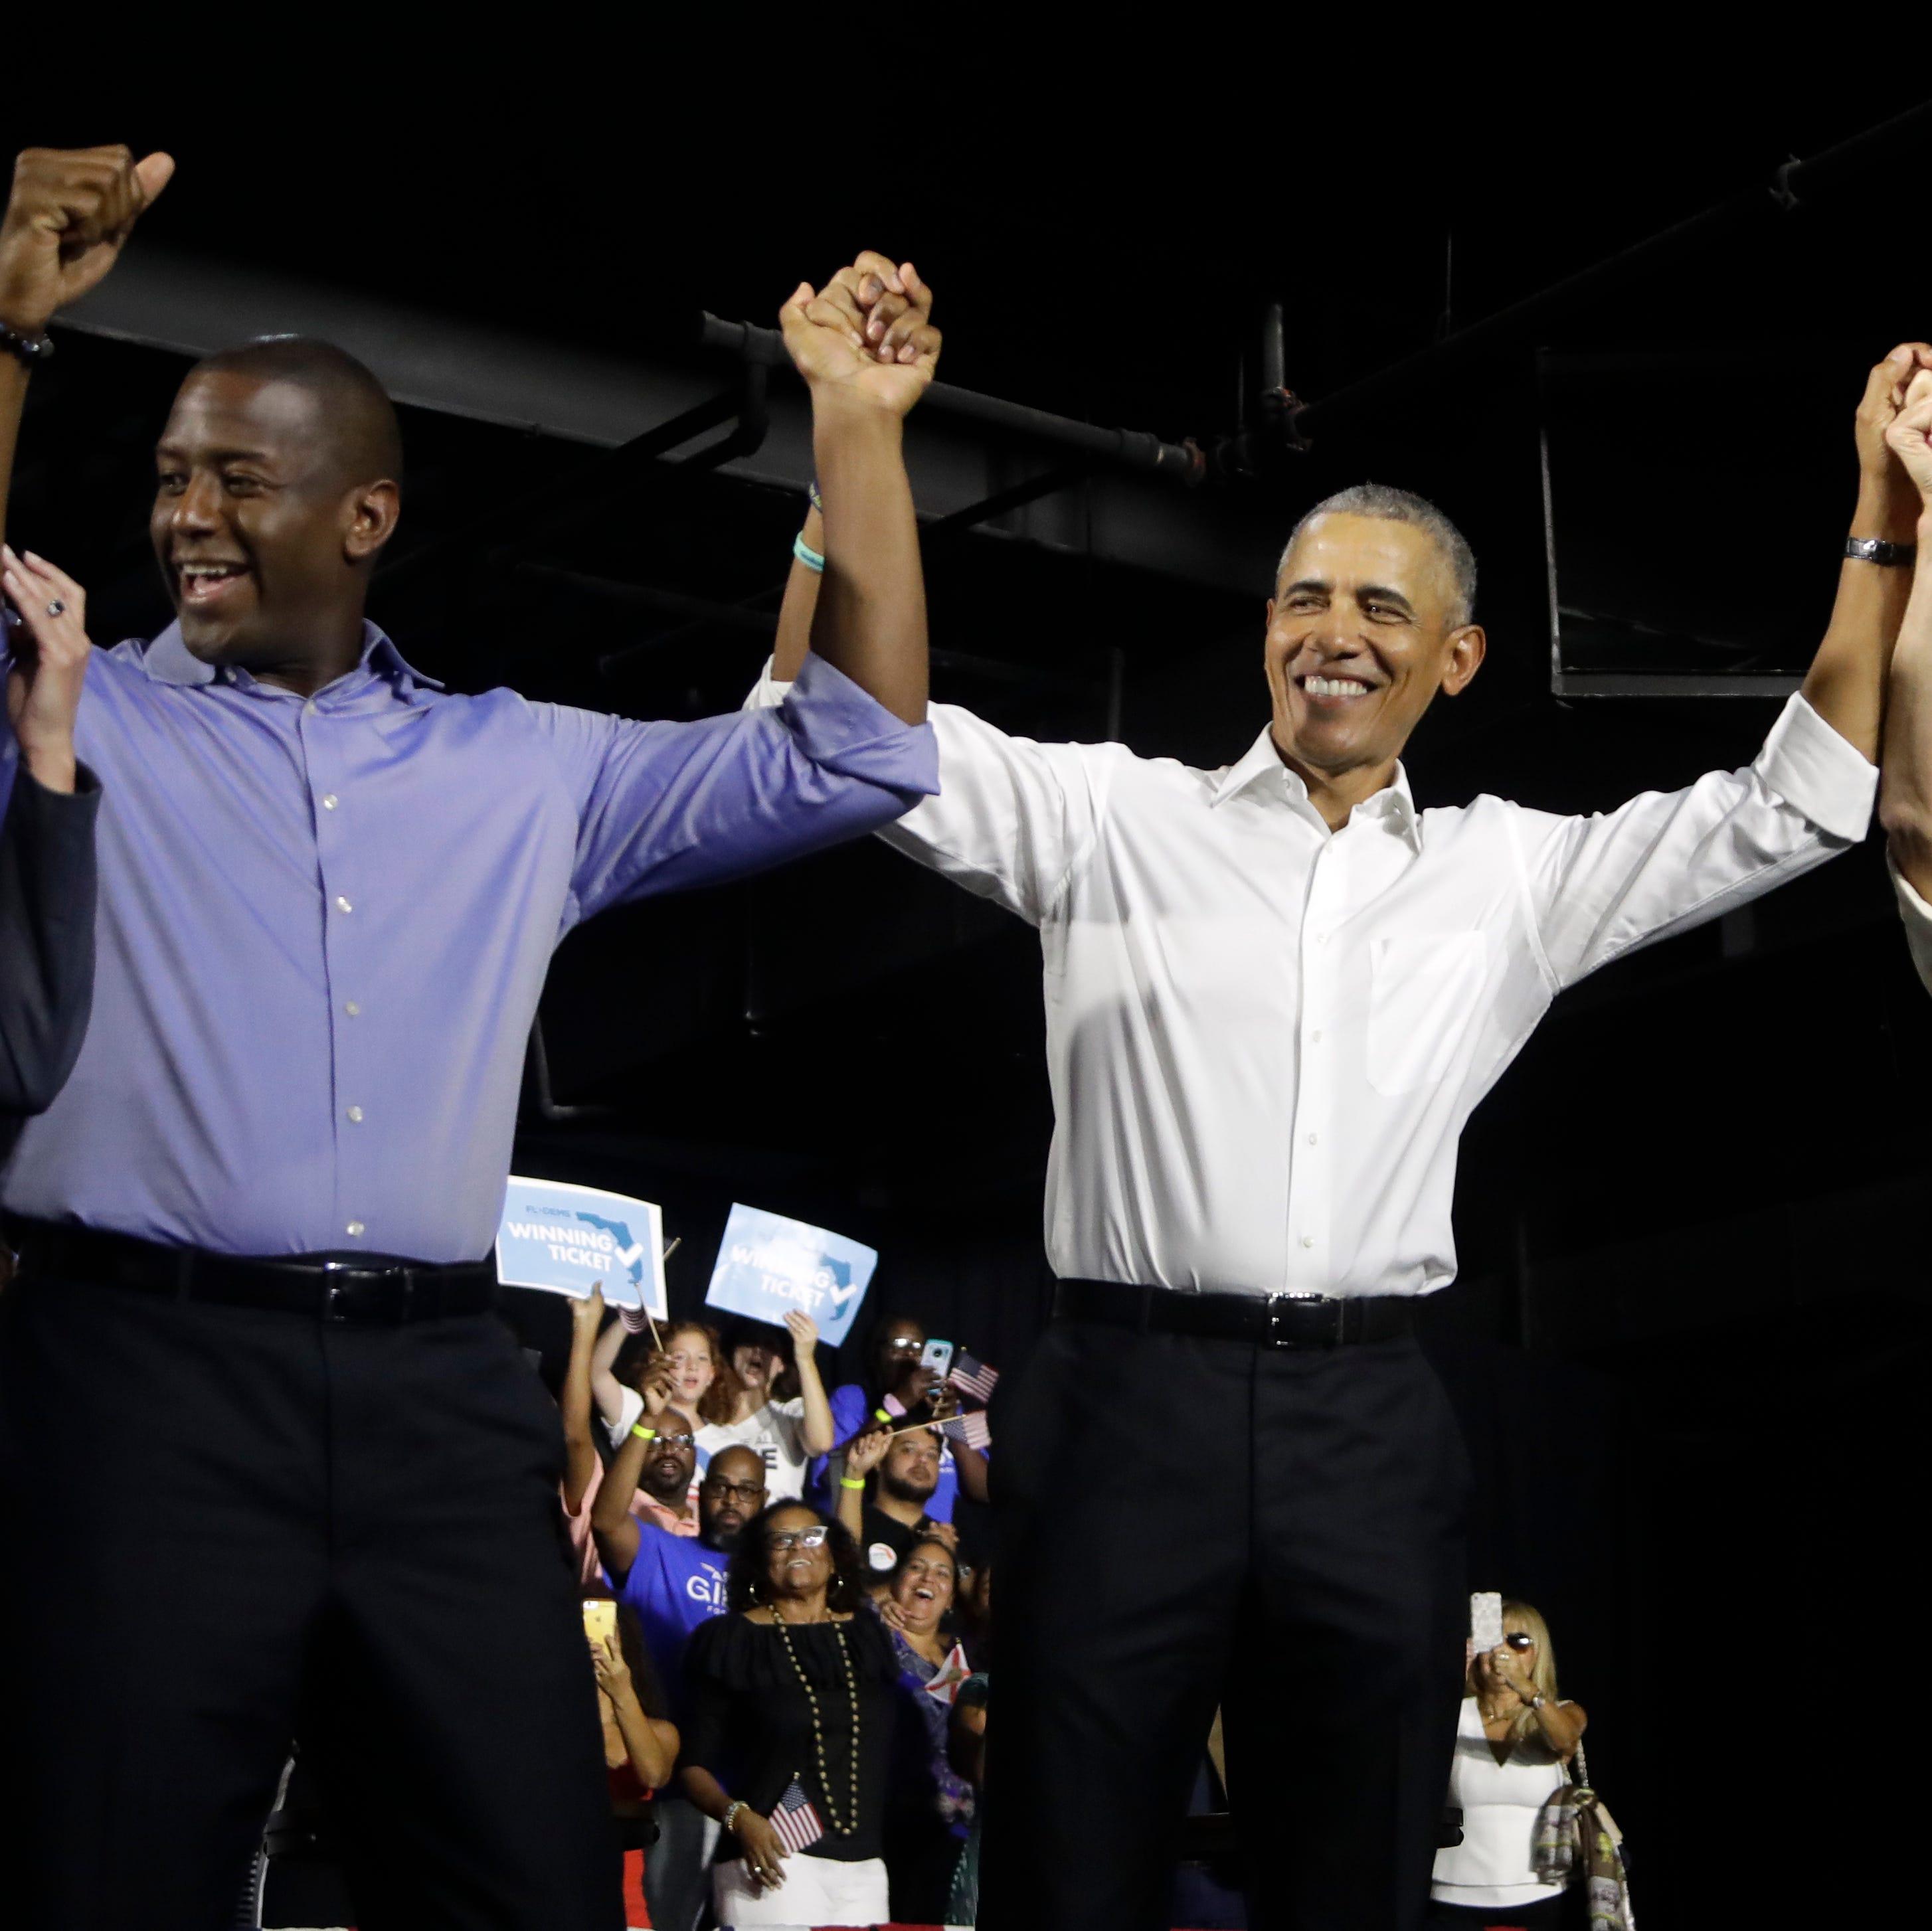 Barack Obama stumps for Democrats Andrew Gillum, Bill Nelson in Miami